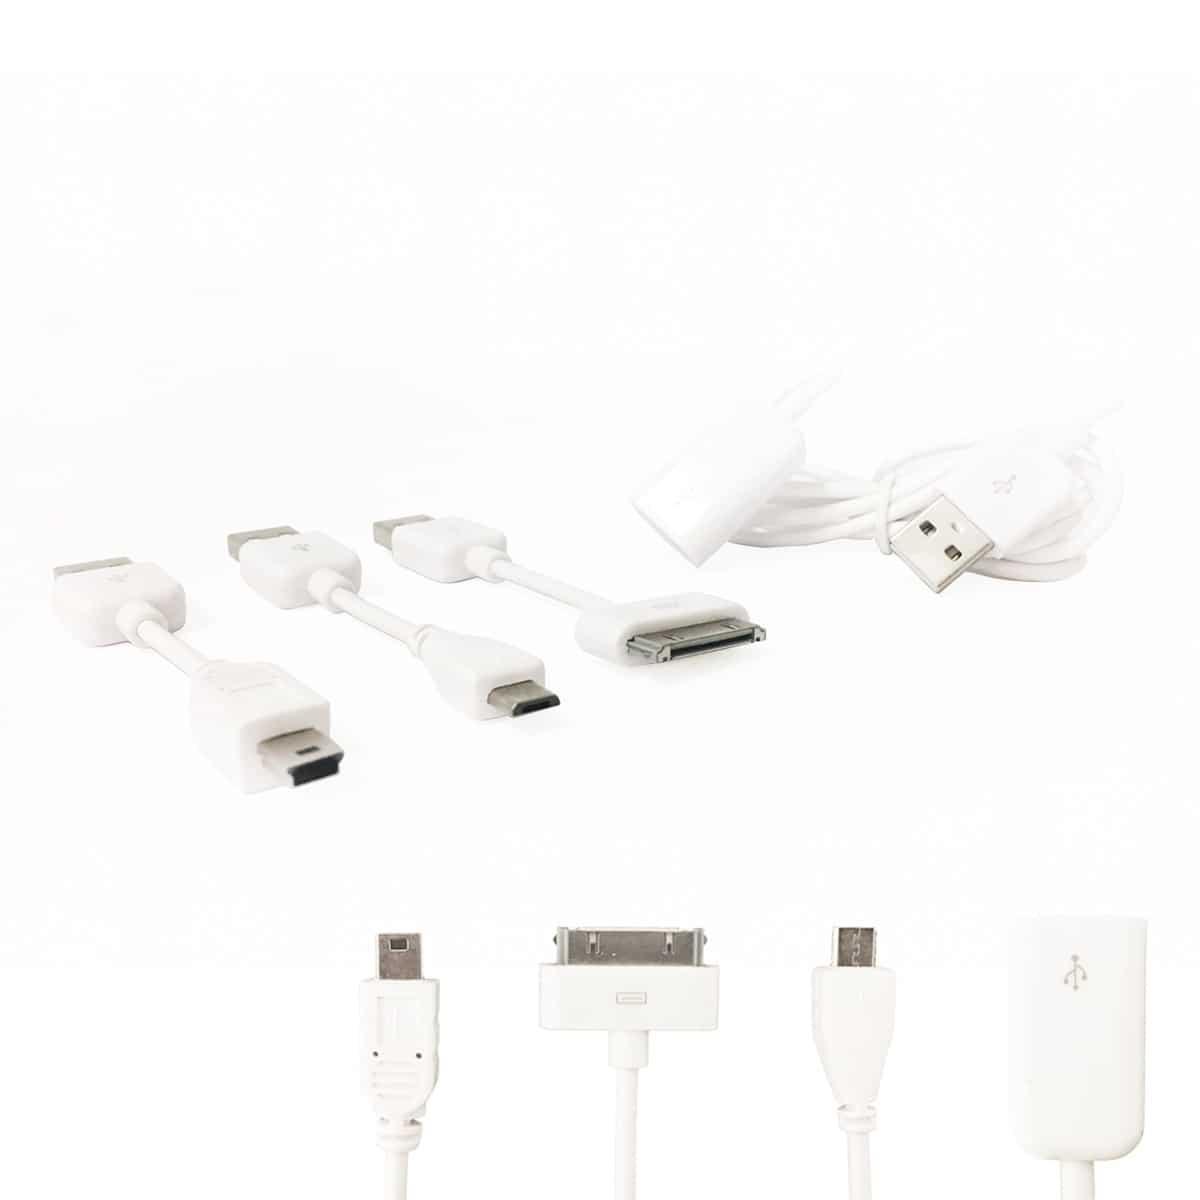 Multi Kabel sæt til smartphone, tablet & computer